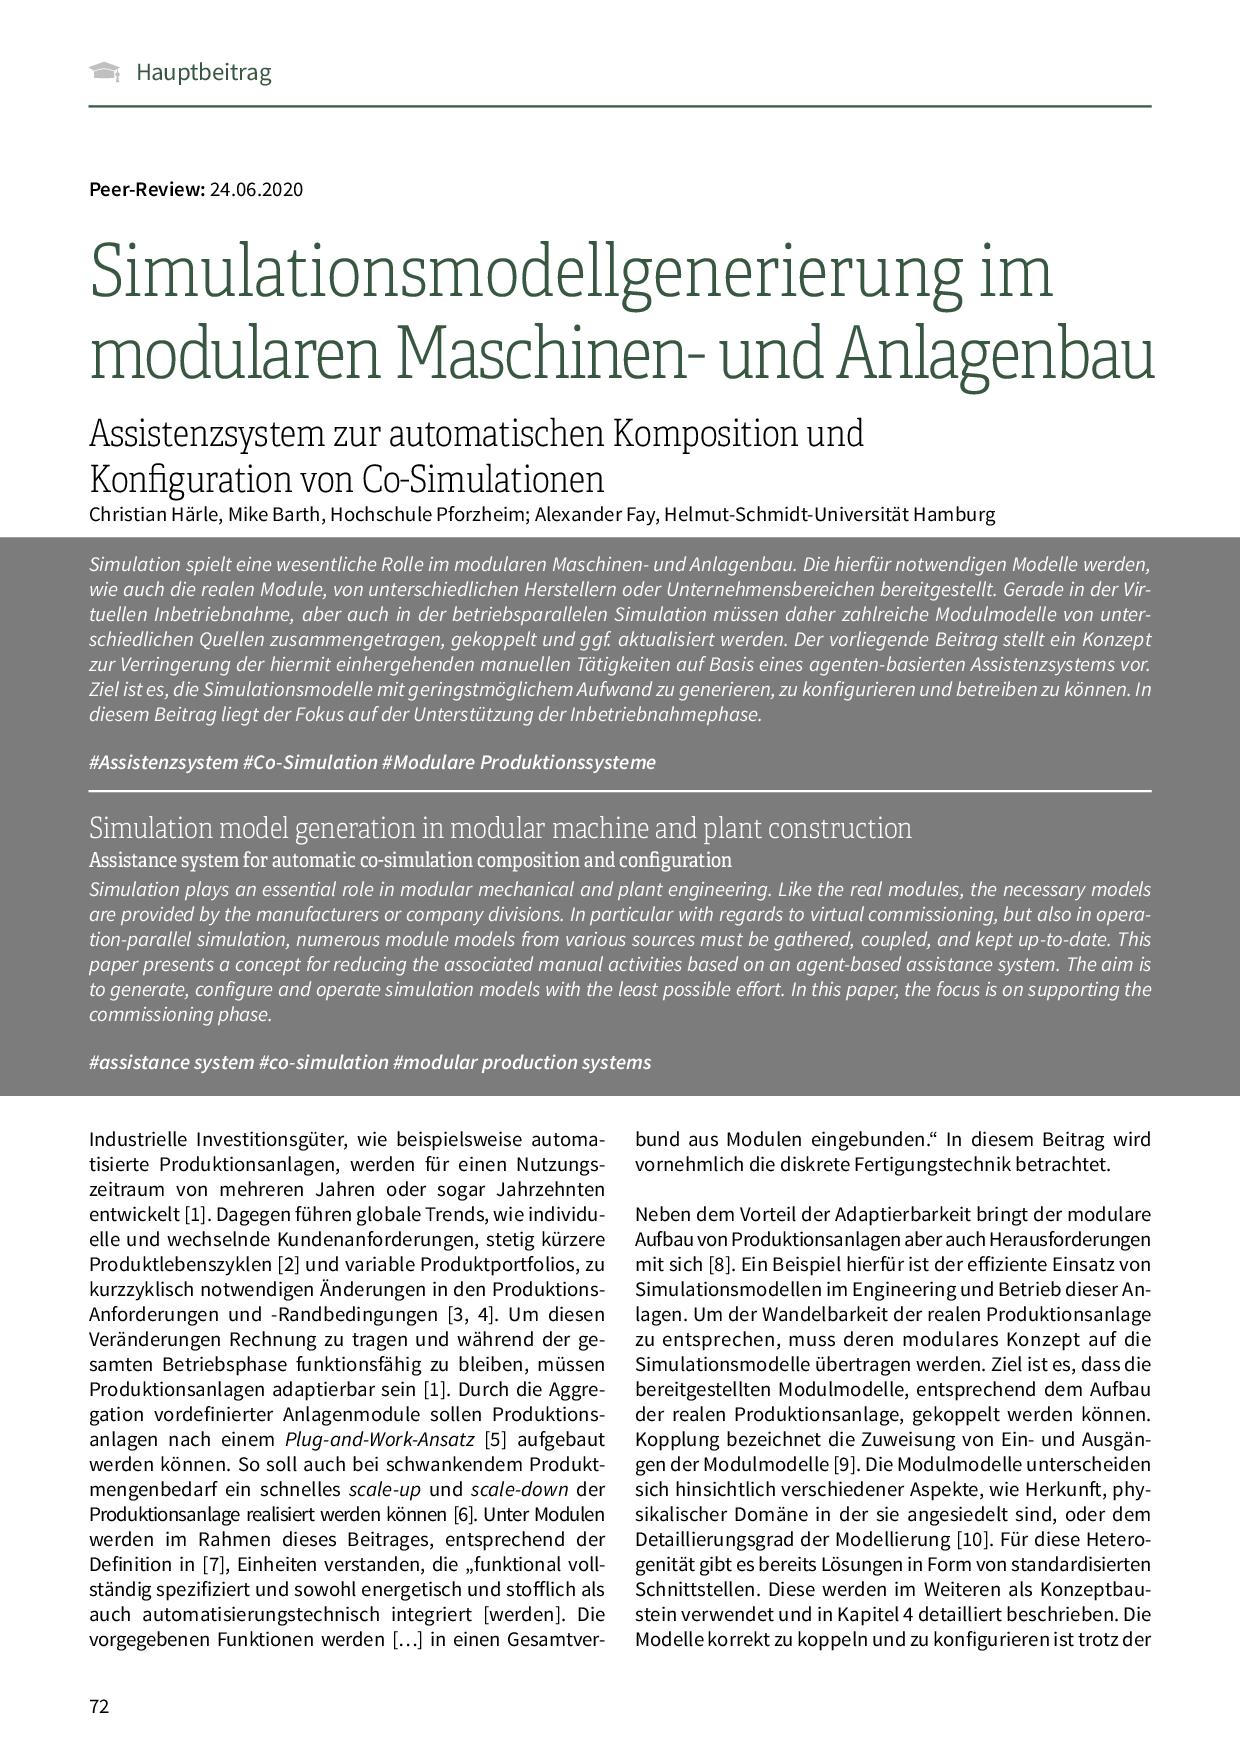 Simulationsmodellgenerierung im modularen Maschinen- und Anlagenbau